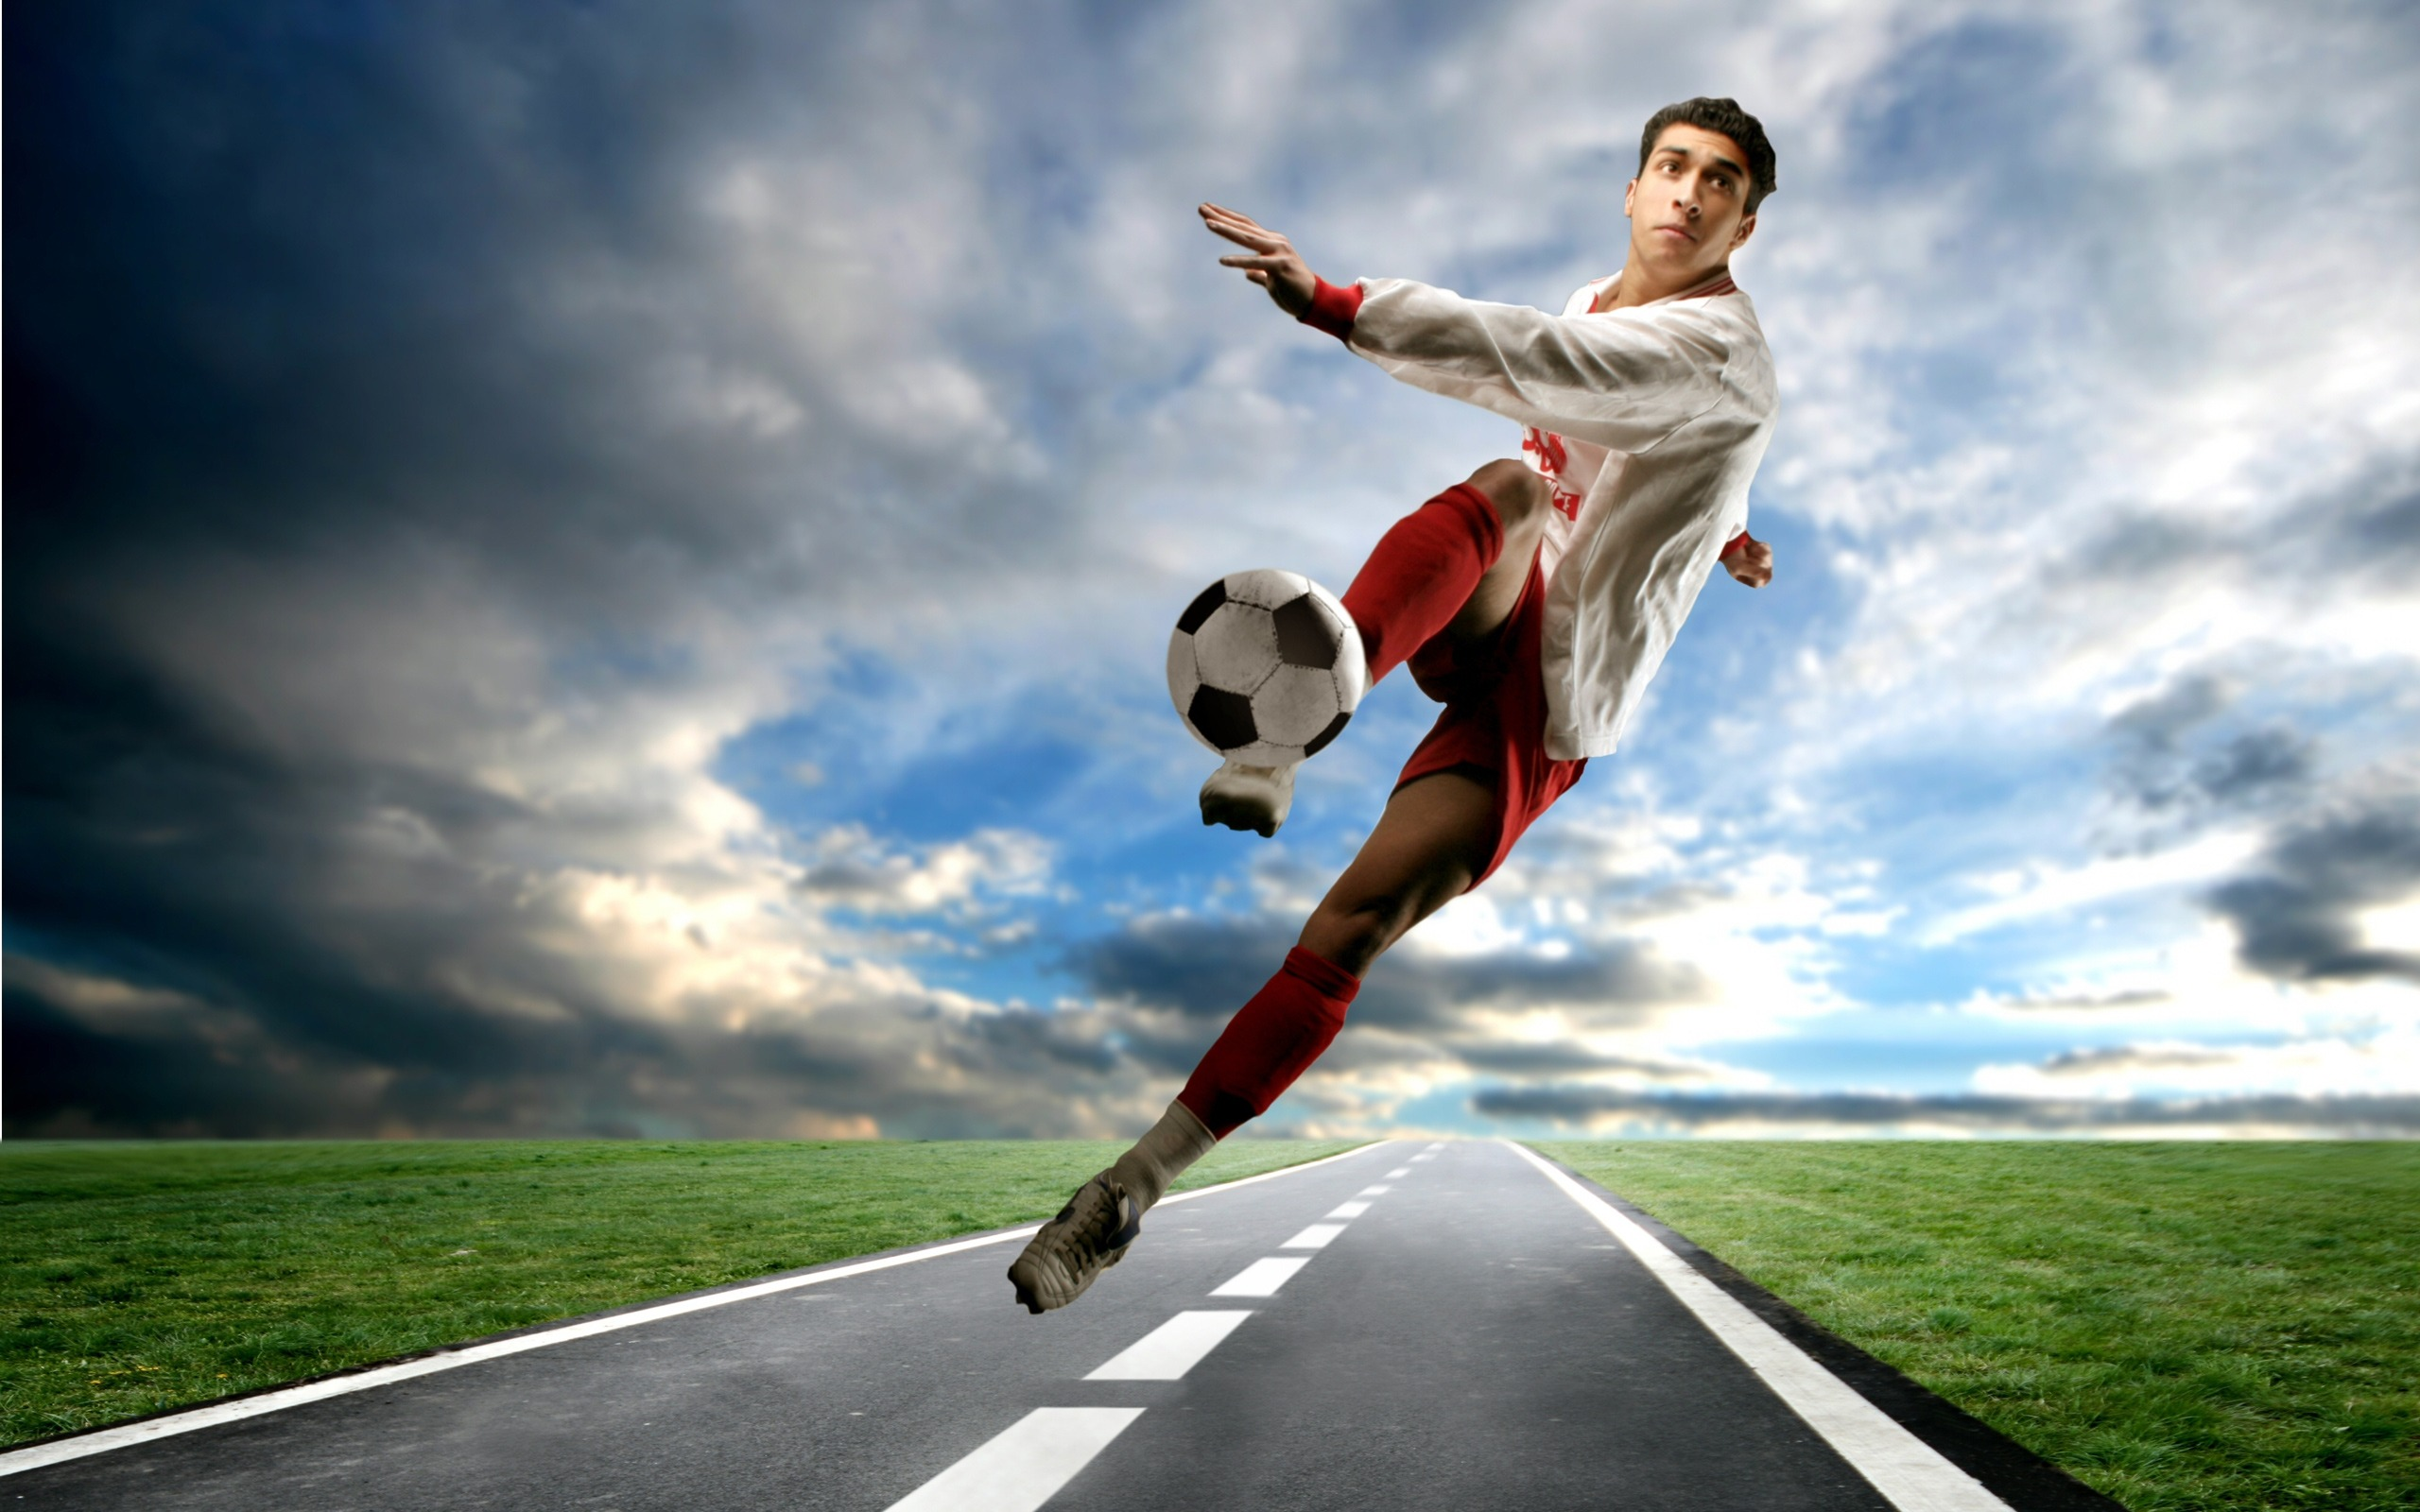 Description: Football sports - Life is movement wallpaper Current Size ...: 10wallpaper.com/down/Football_sports_-_Life_is_movement_wallpaper...